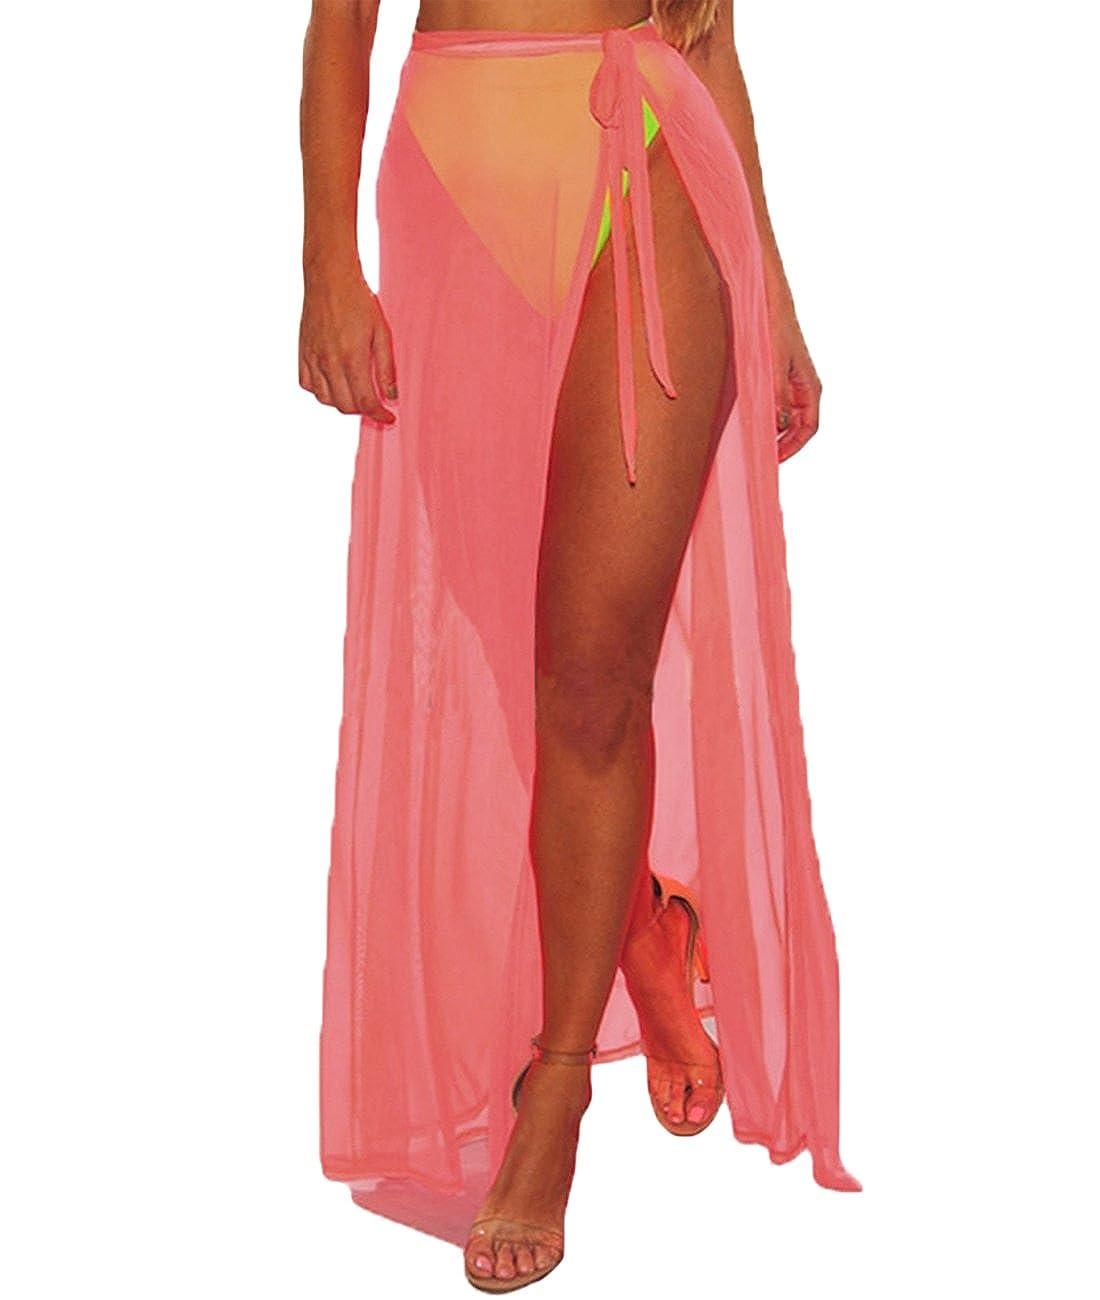 Lalagen Womens Wrap High Waist Summer Beach Cover up Maxi Skirt LLGEA42275